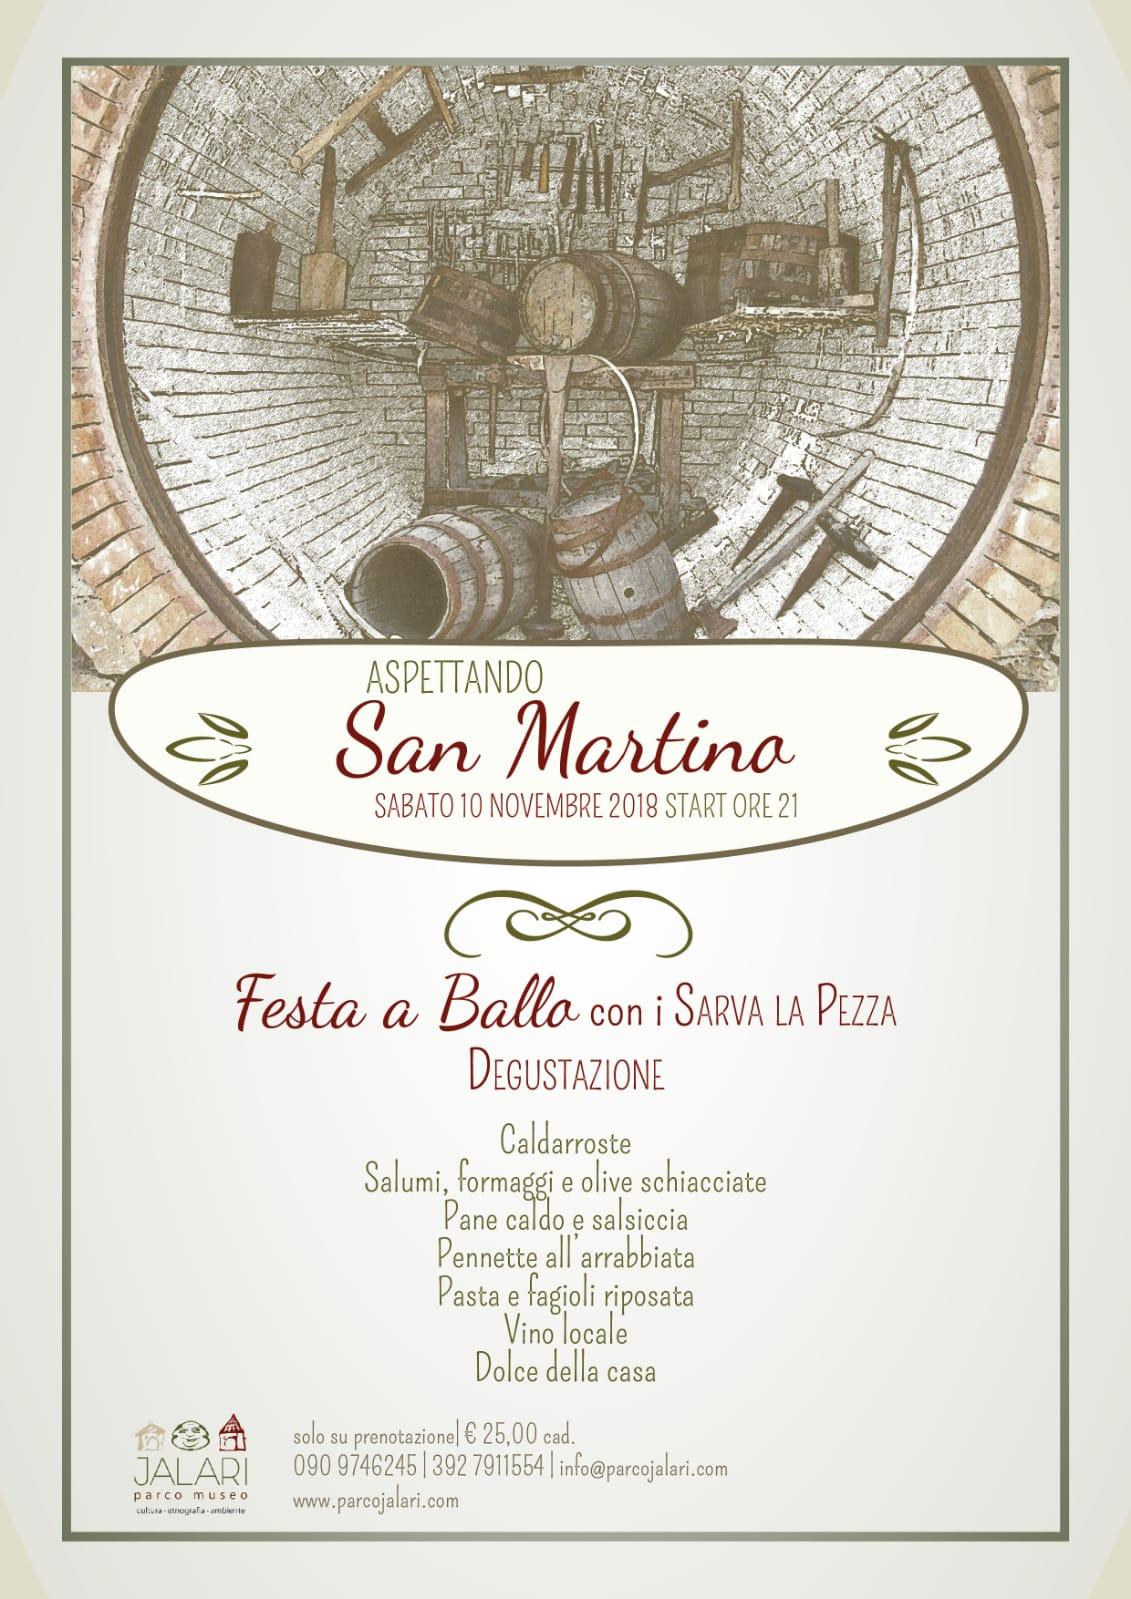 Festa a ballo aspettando San Martino al Parco Museo Jalari